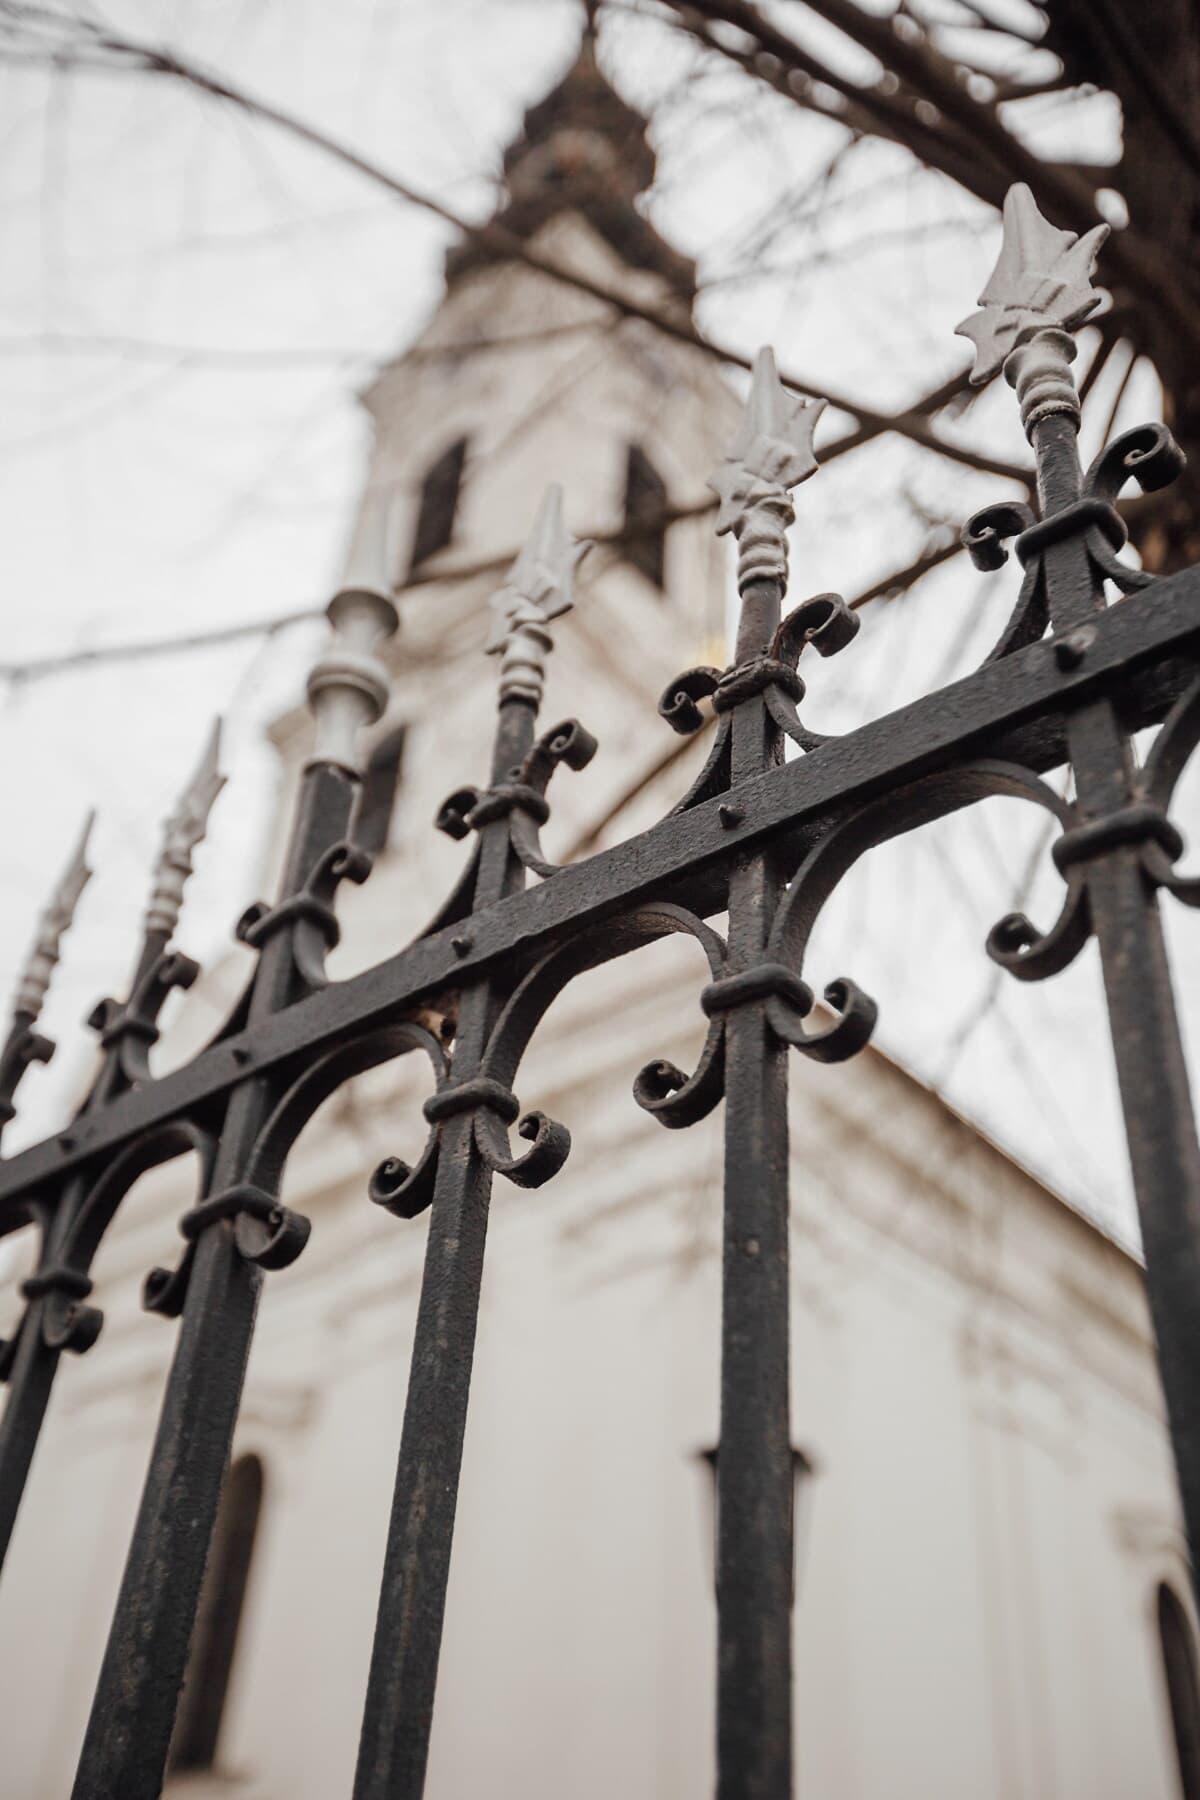 Aluminium, Pfeilspitze, Pfeil, Zaun, Metall, Eisen, aus Gusseisen, Kirchturm, Kirche, alt